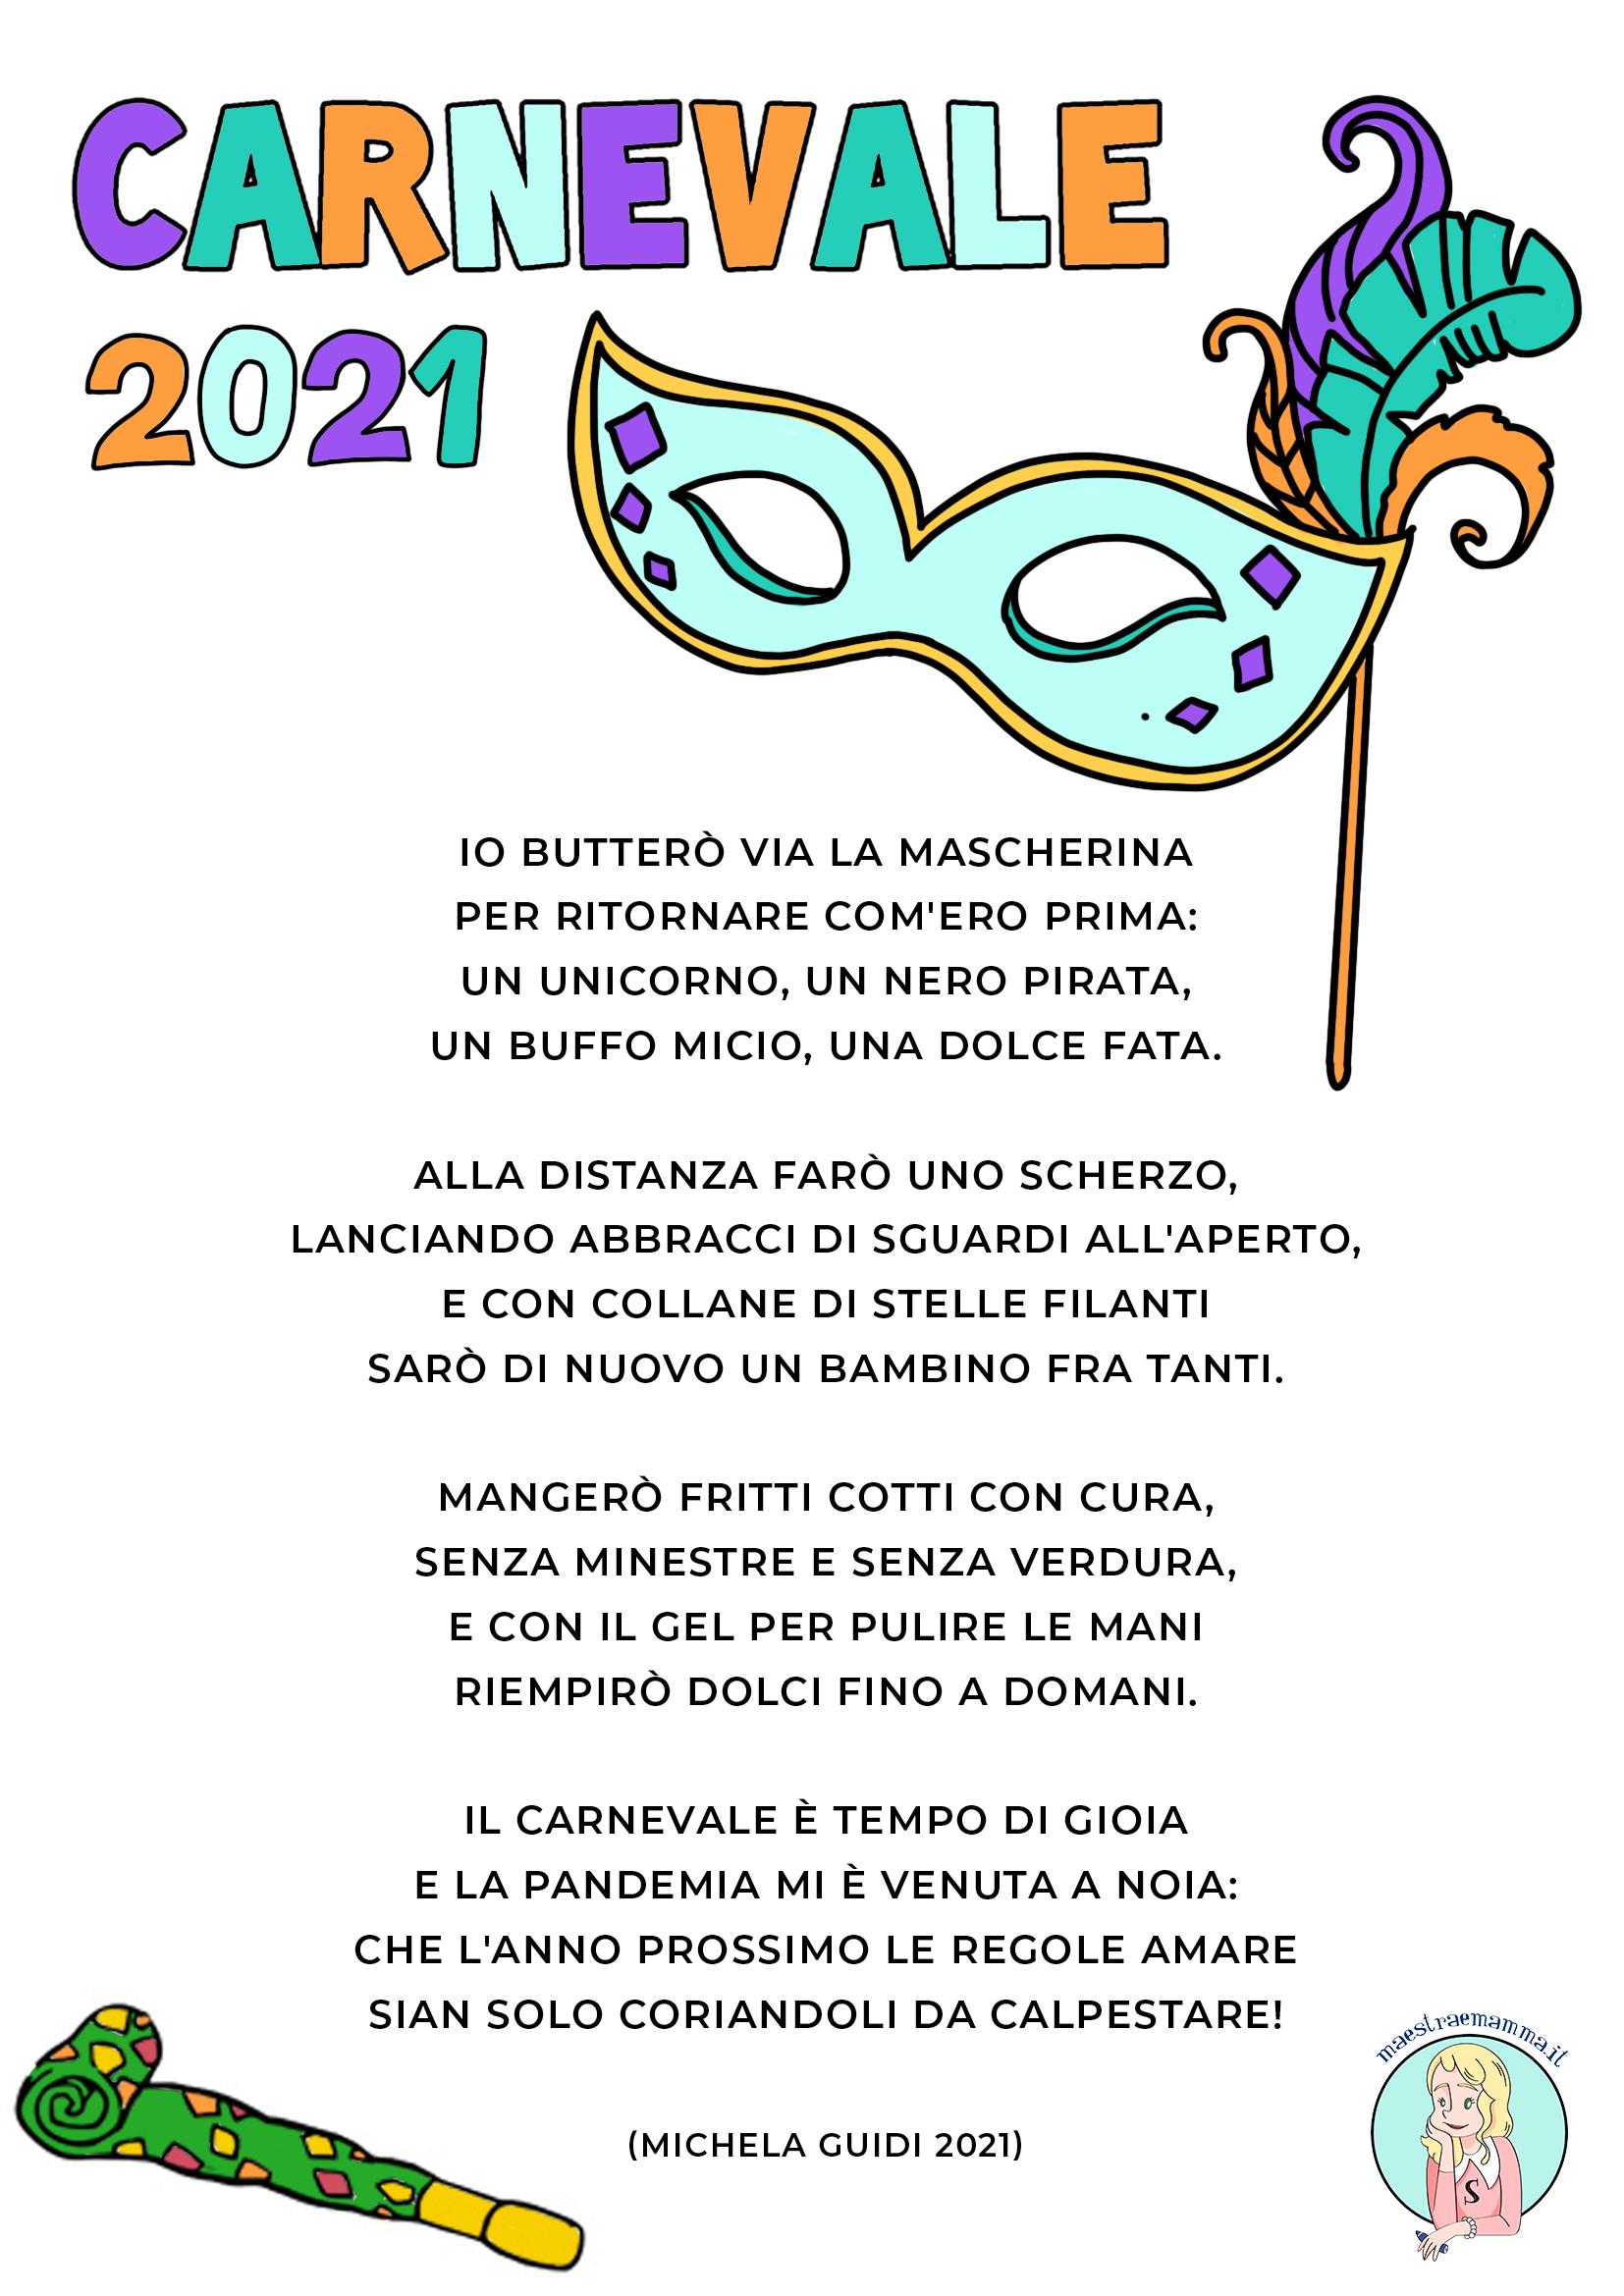 carnevale 2021 poesia di michela guidi